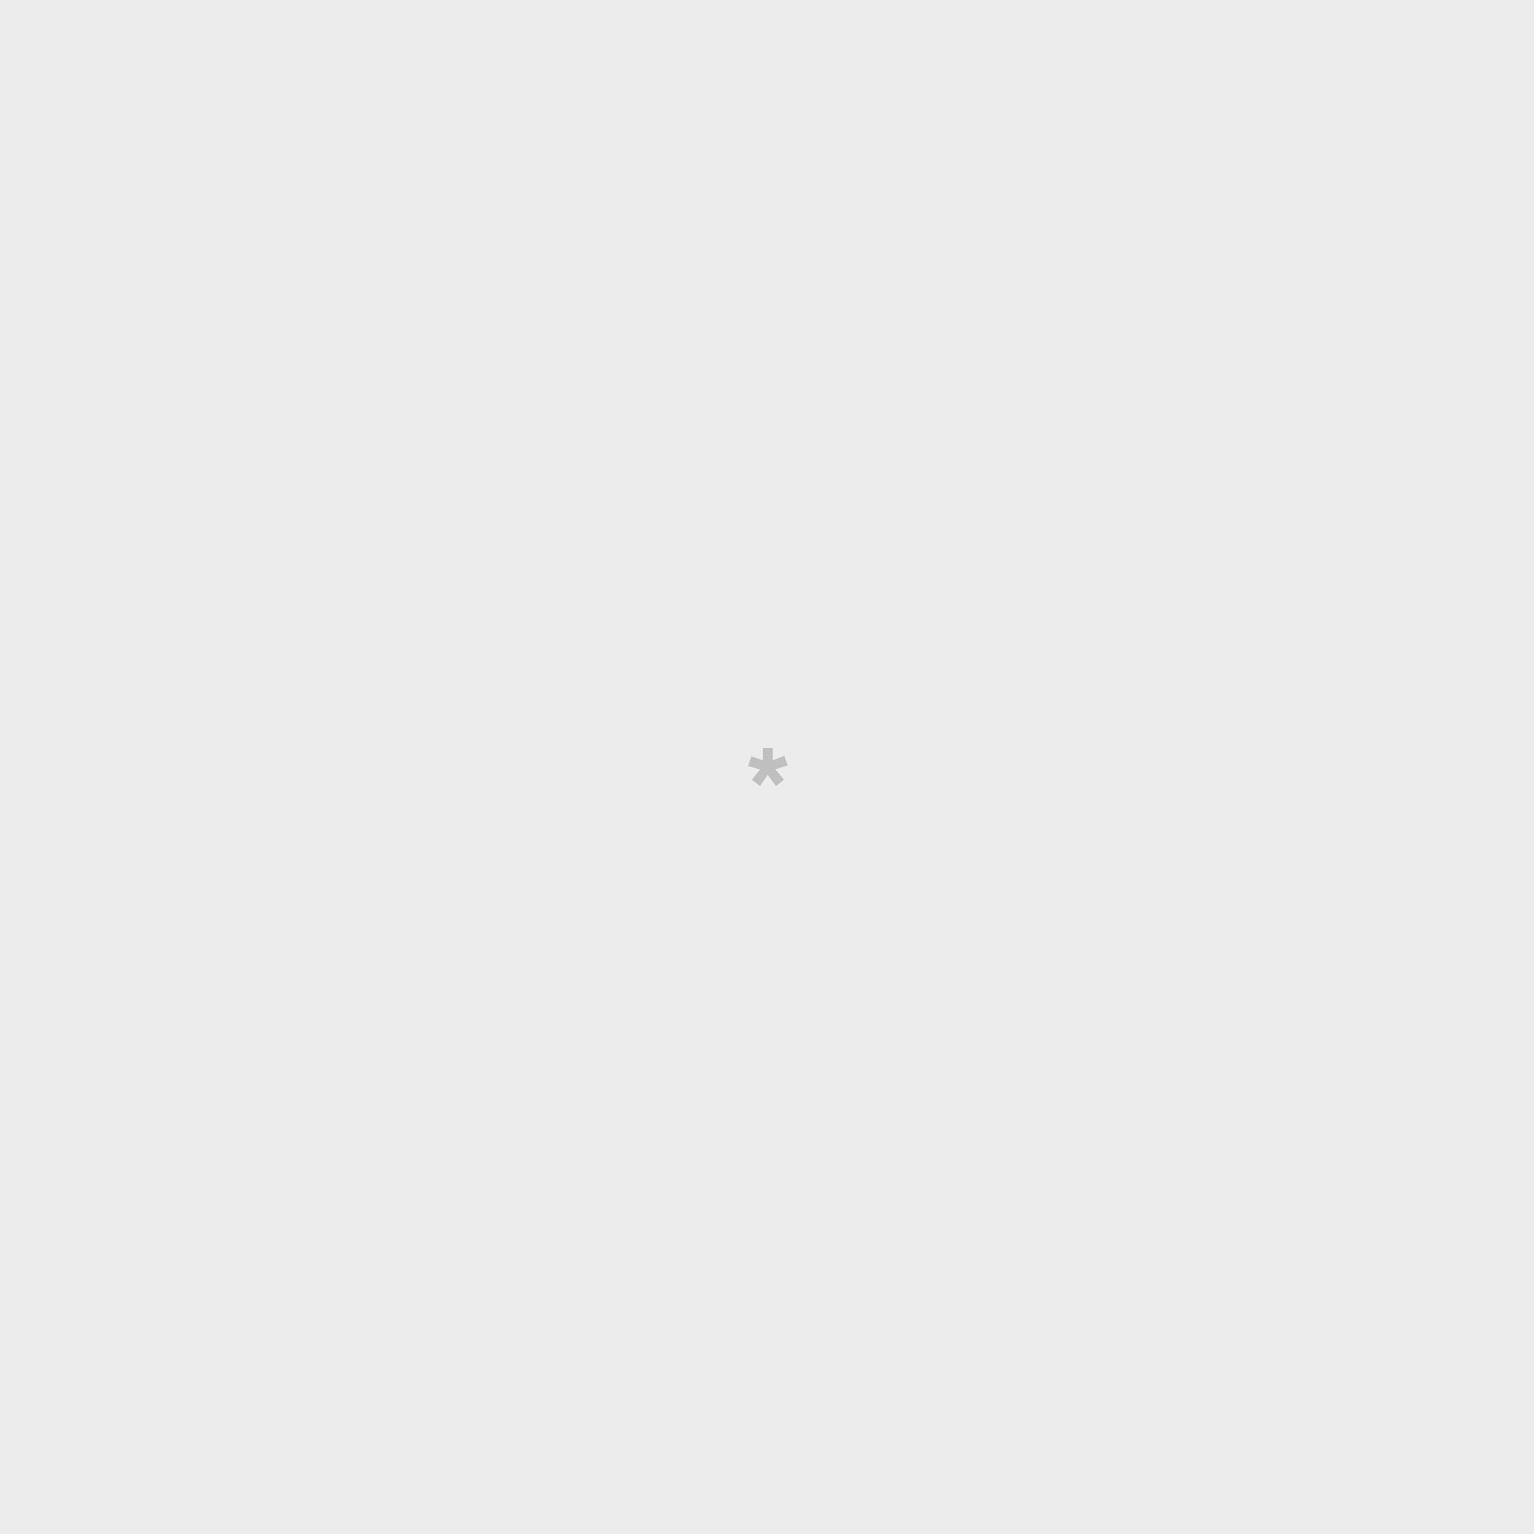 Agenda preta com argolas 19 - Antes de abrir